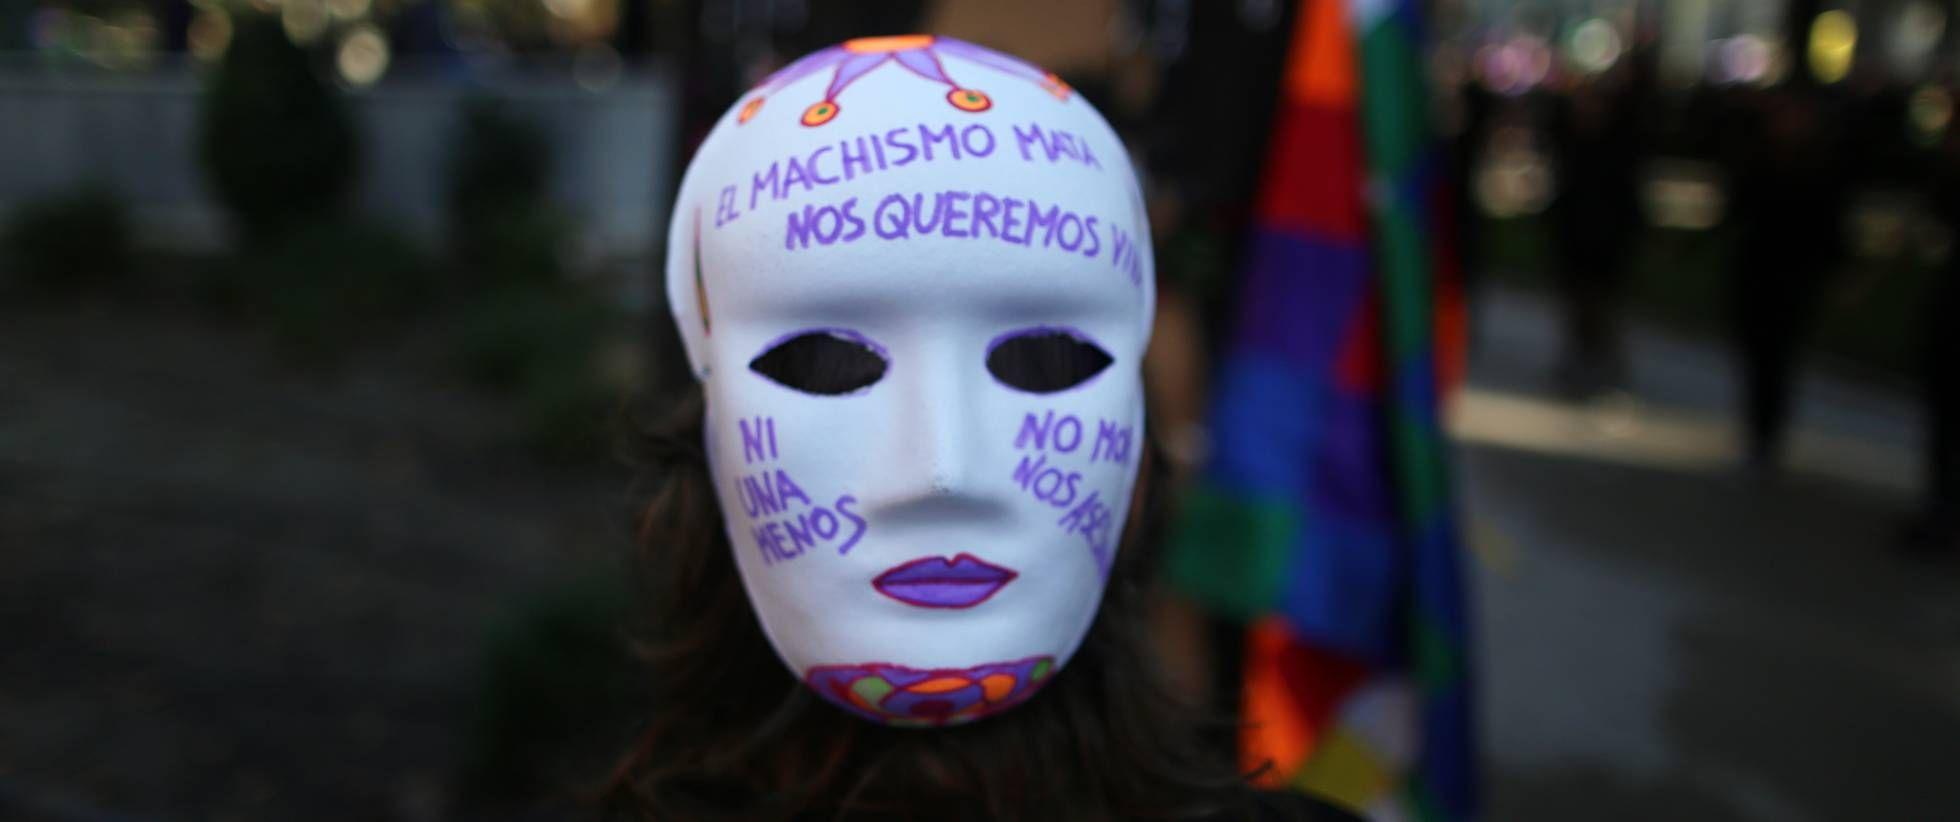 Manifestación contra el machismo en Madrid.